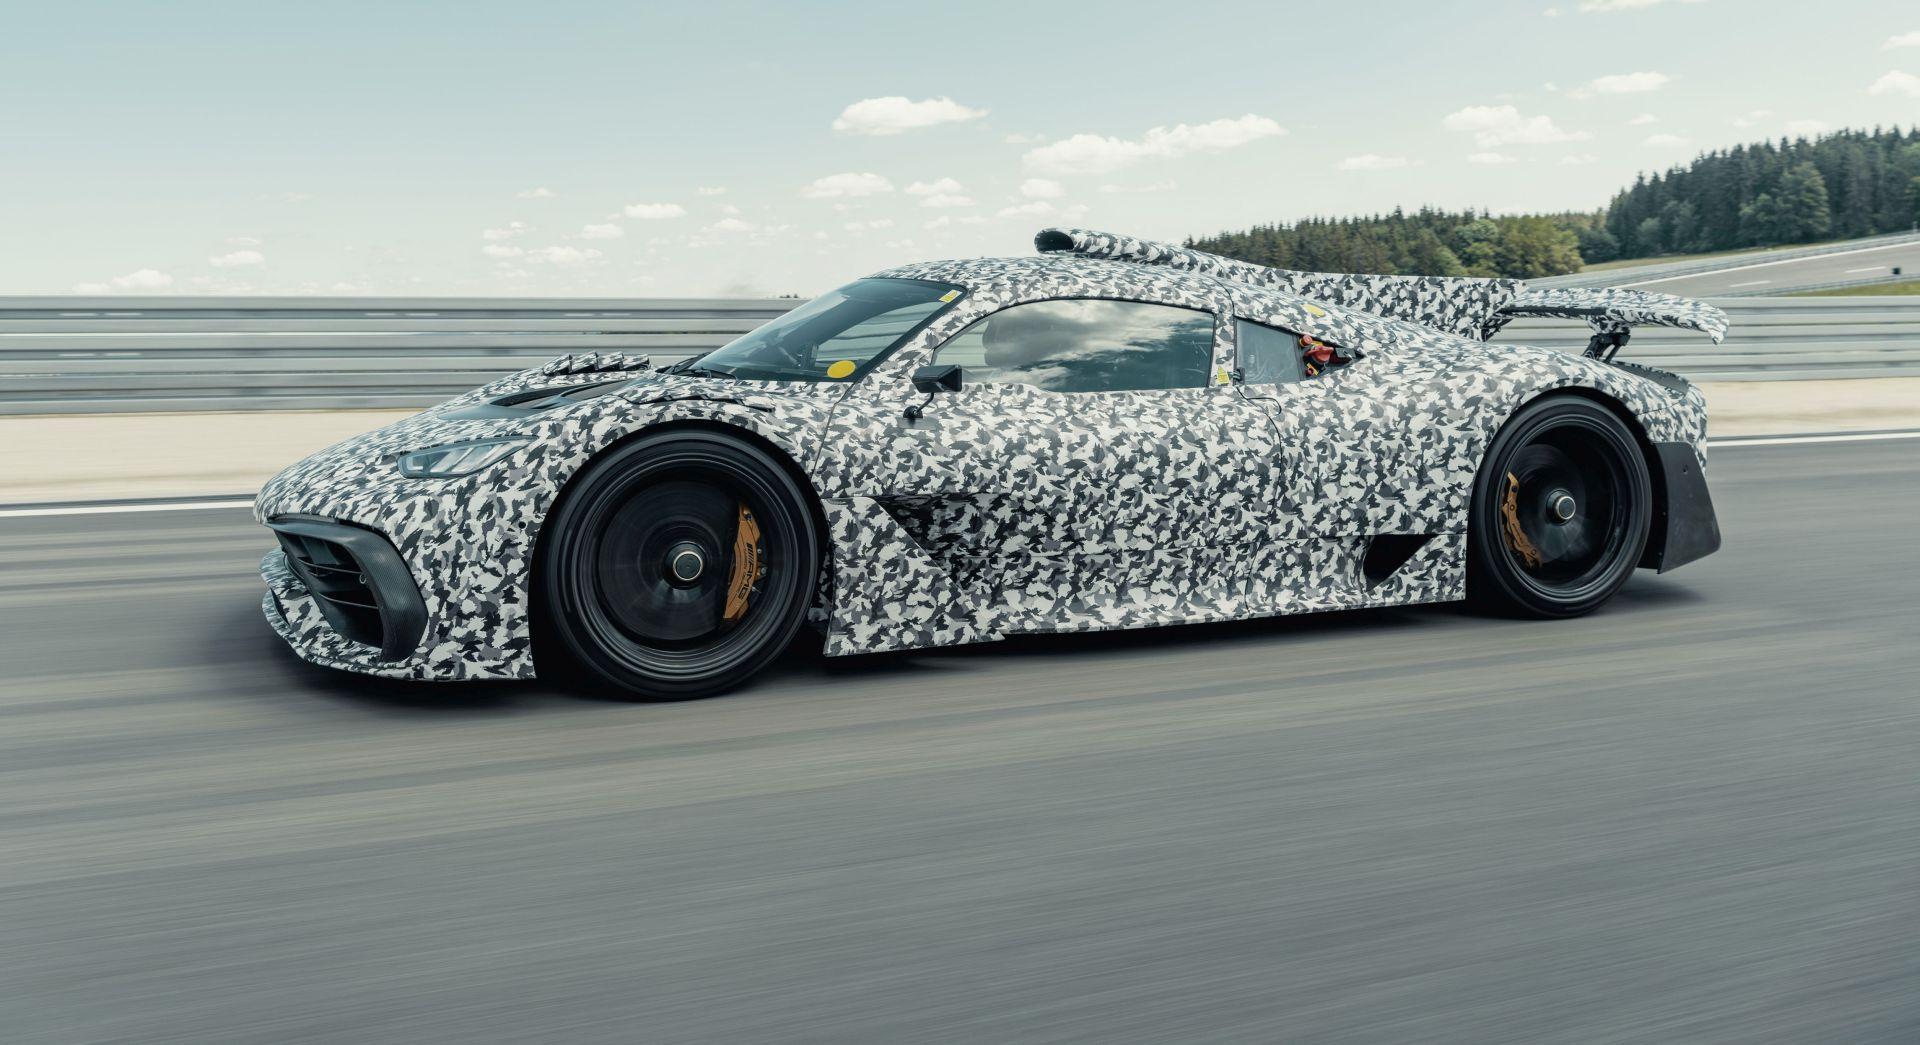 Preko 1.000 KS snažan Mercedes-AMG Project One sve bliži serijskoj proizvodnji